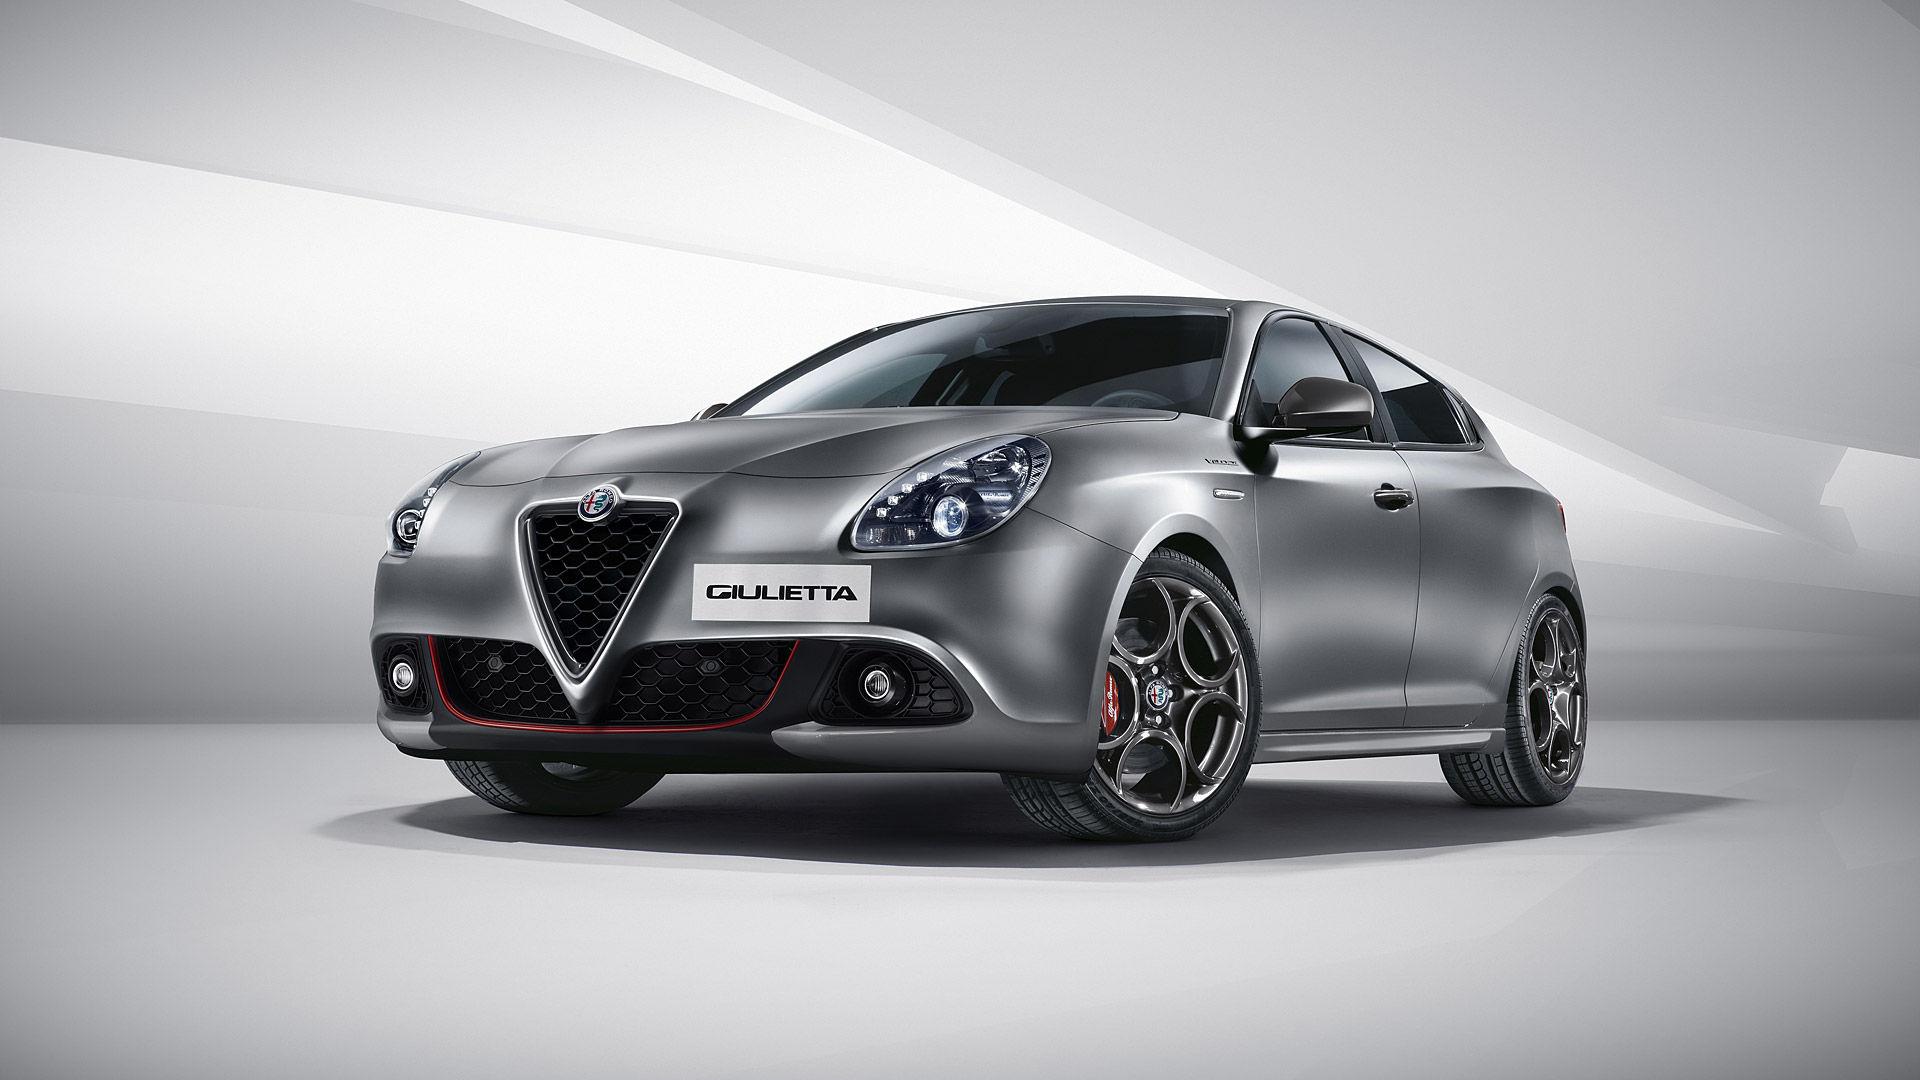 2017 Alfa Romeo Giulia Configurations >> 2017 Alfa Romeo Giulietta Veloce Wallpaper